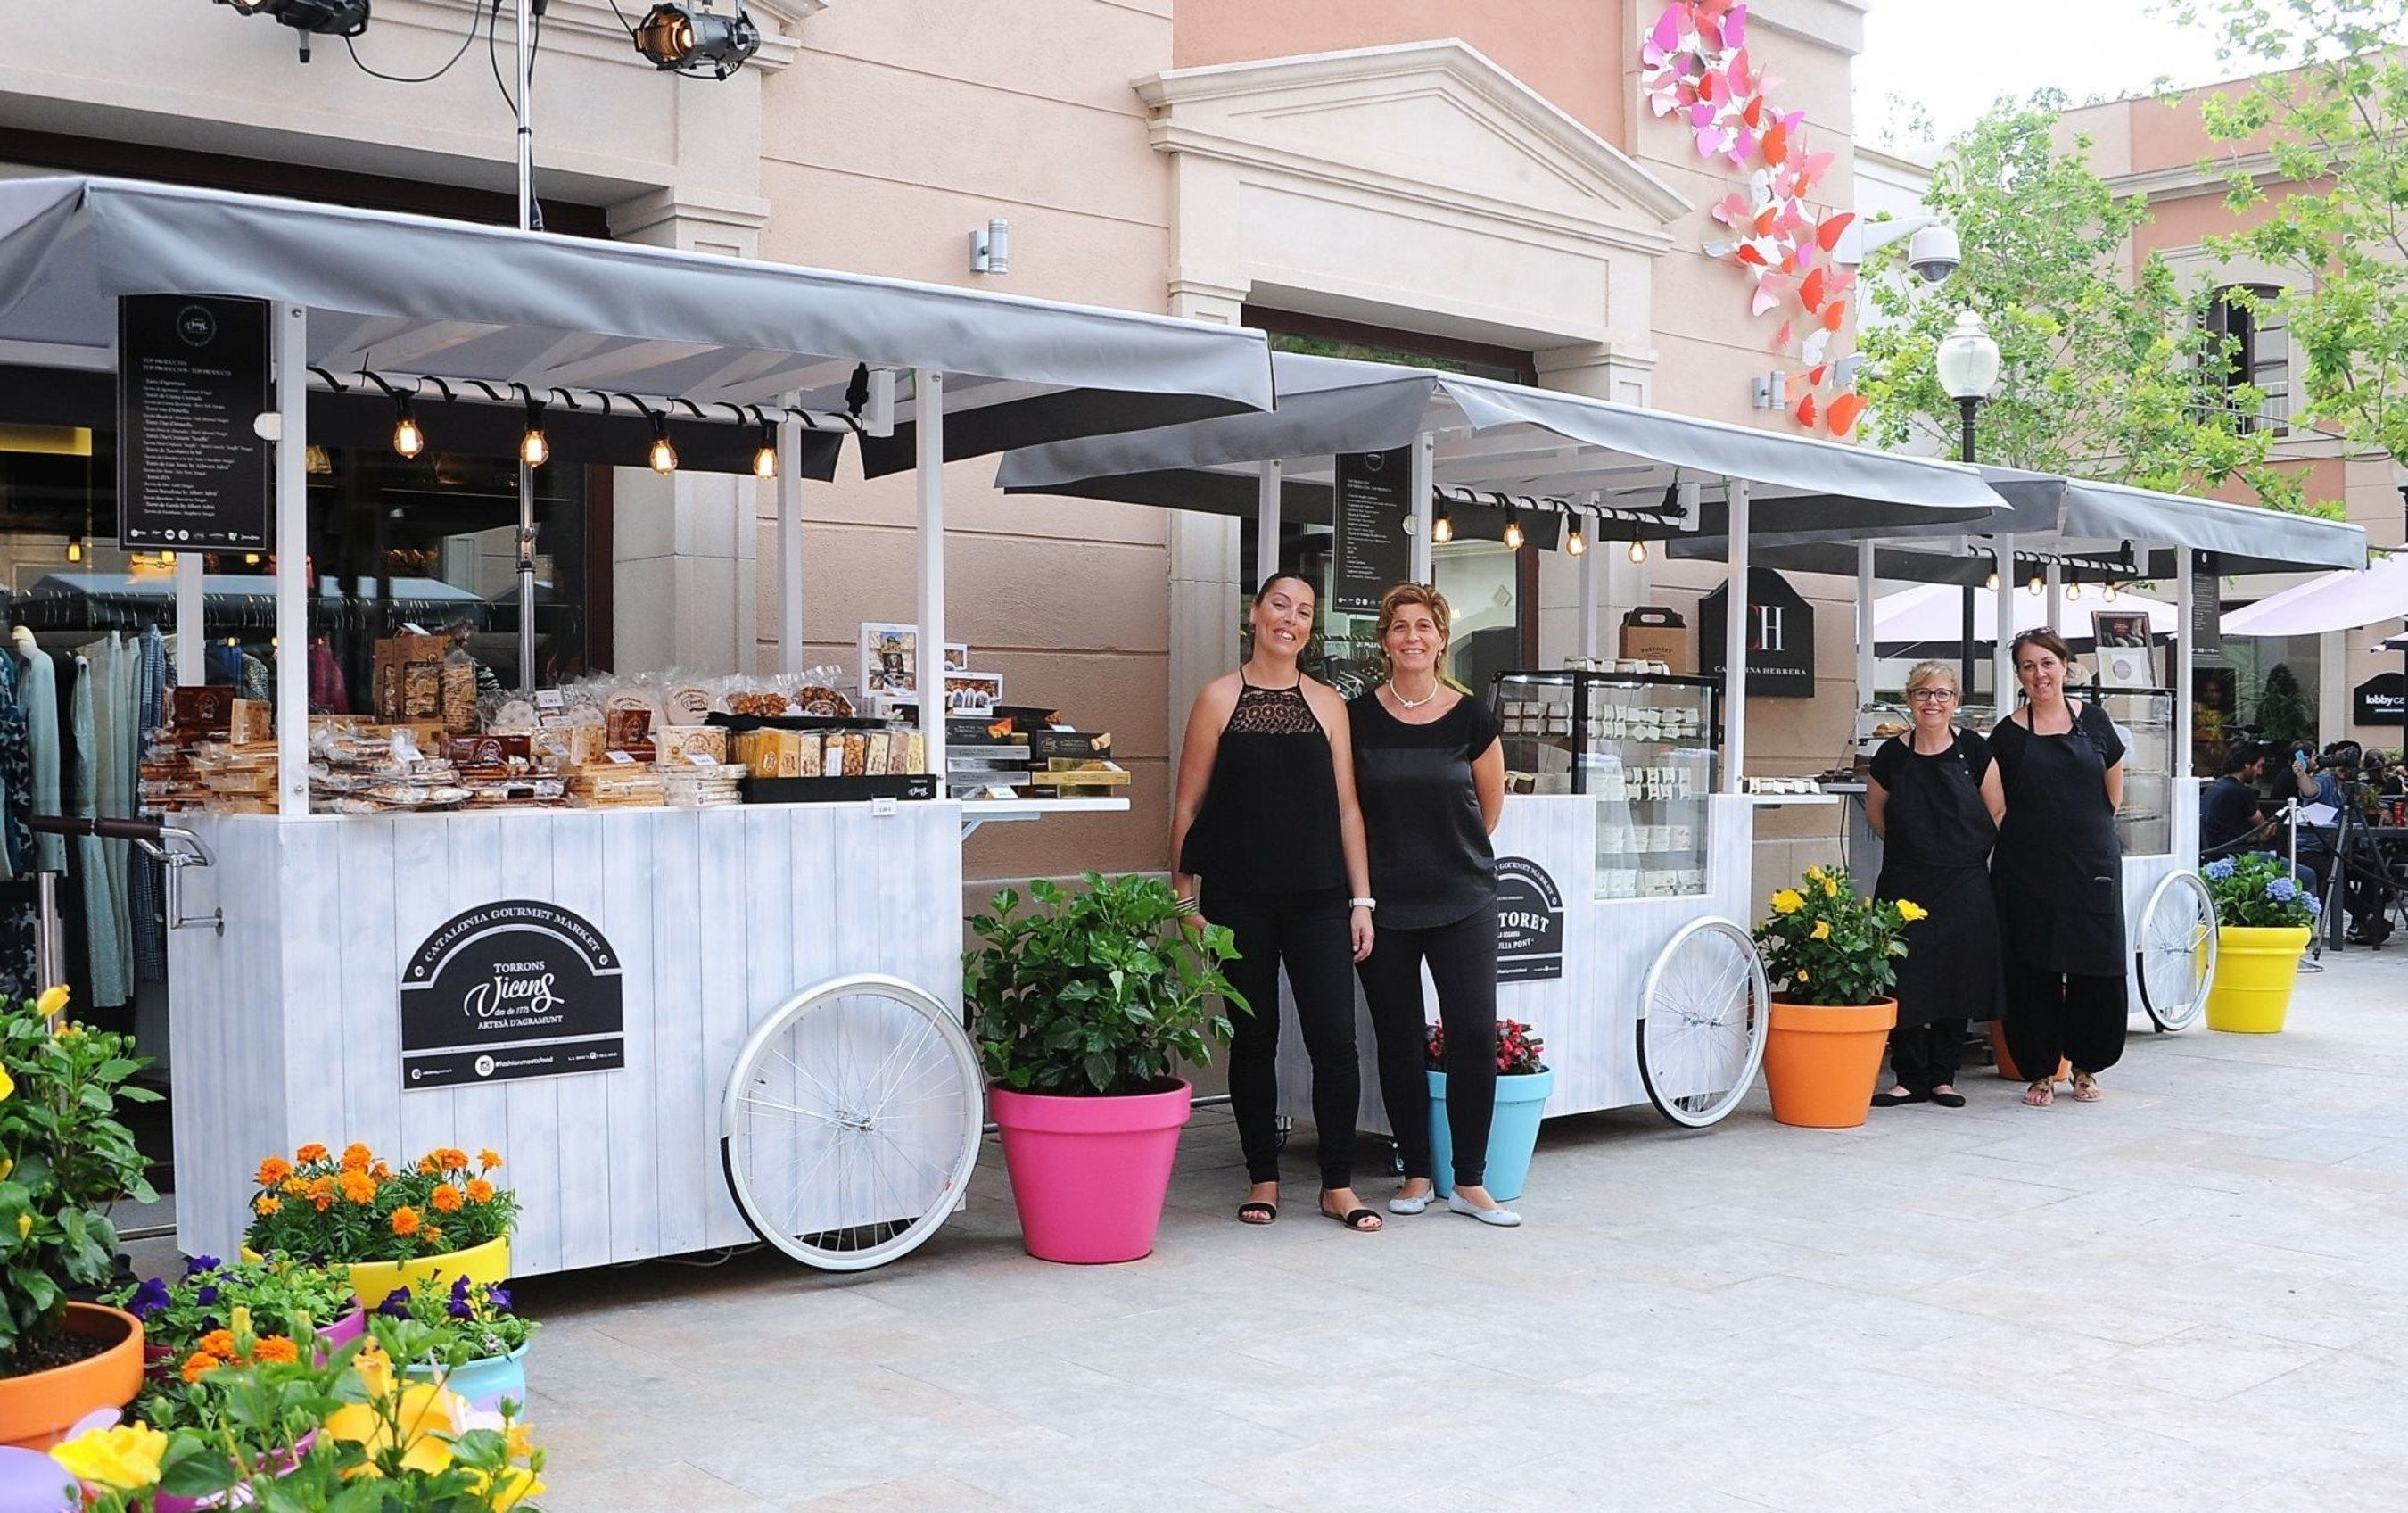 La Roca Village combina o melhor da moda e da culinária neste verão #678348 2000 1256